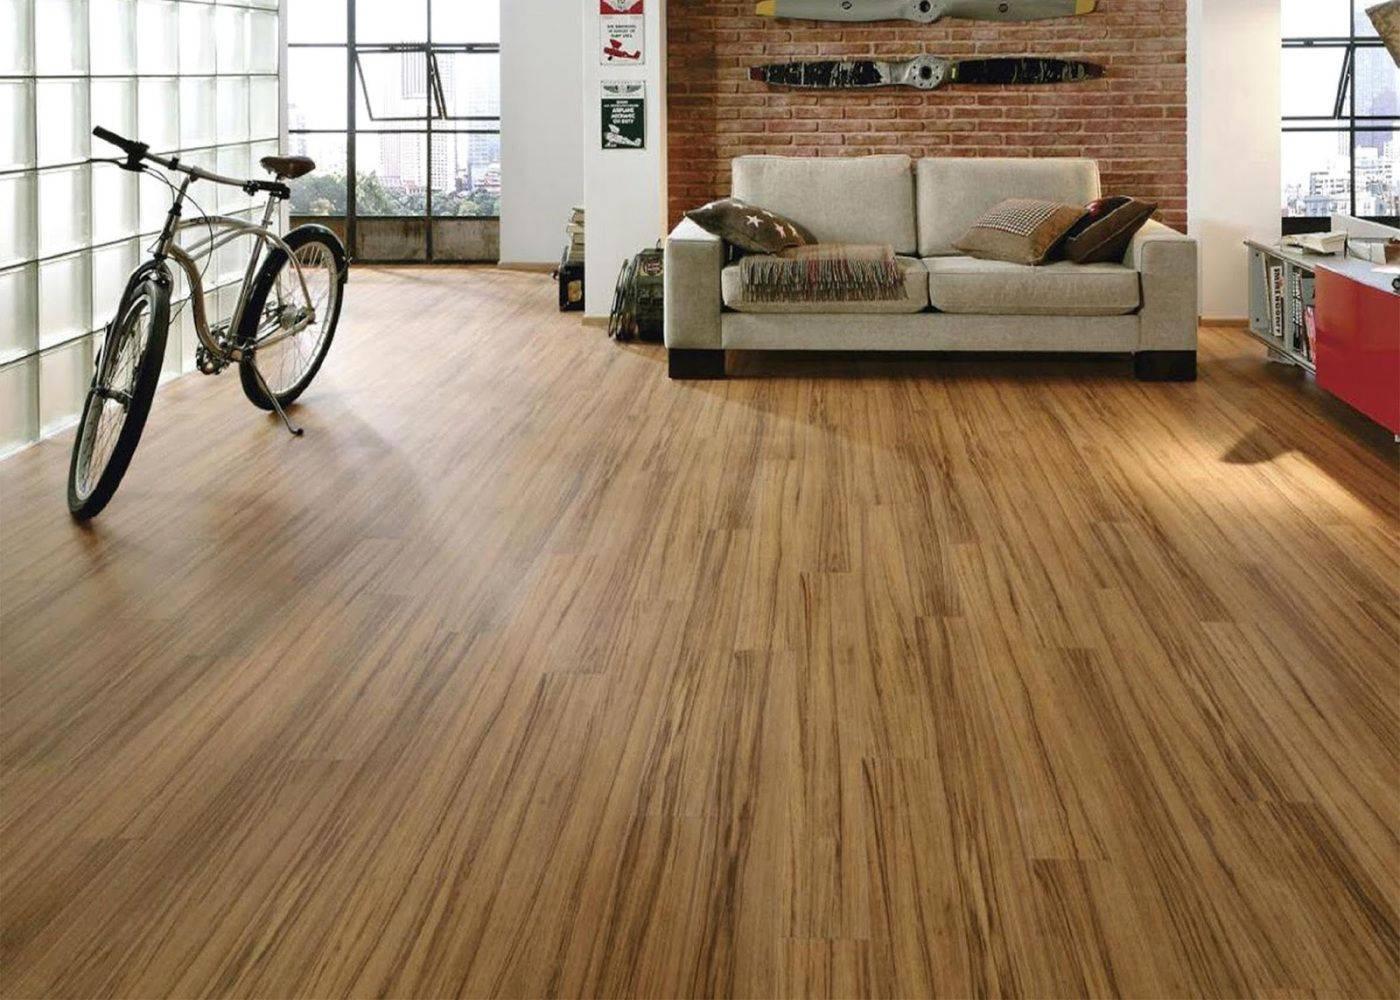 Lựa chọn sàn gỗ giá thành phù hợp